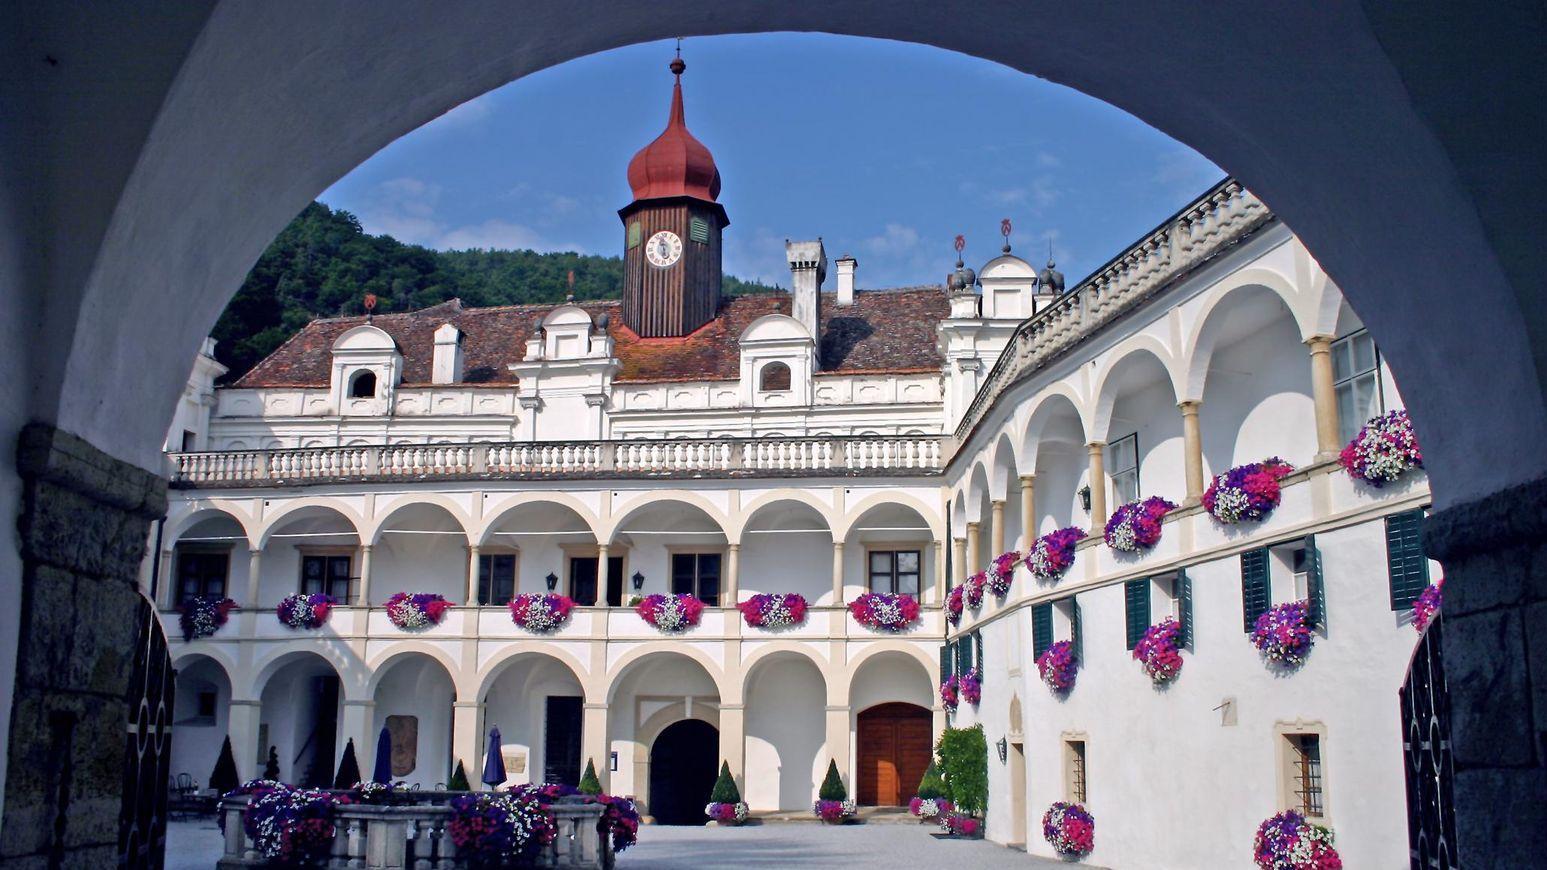 Herberstein Schloss Florentinerhof © F Herberstein